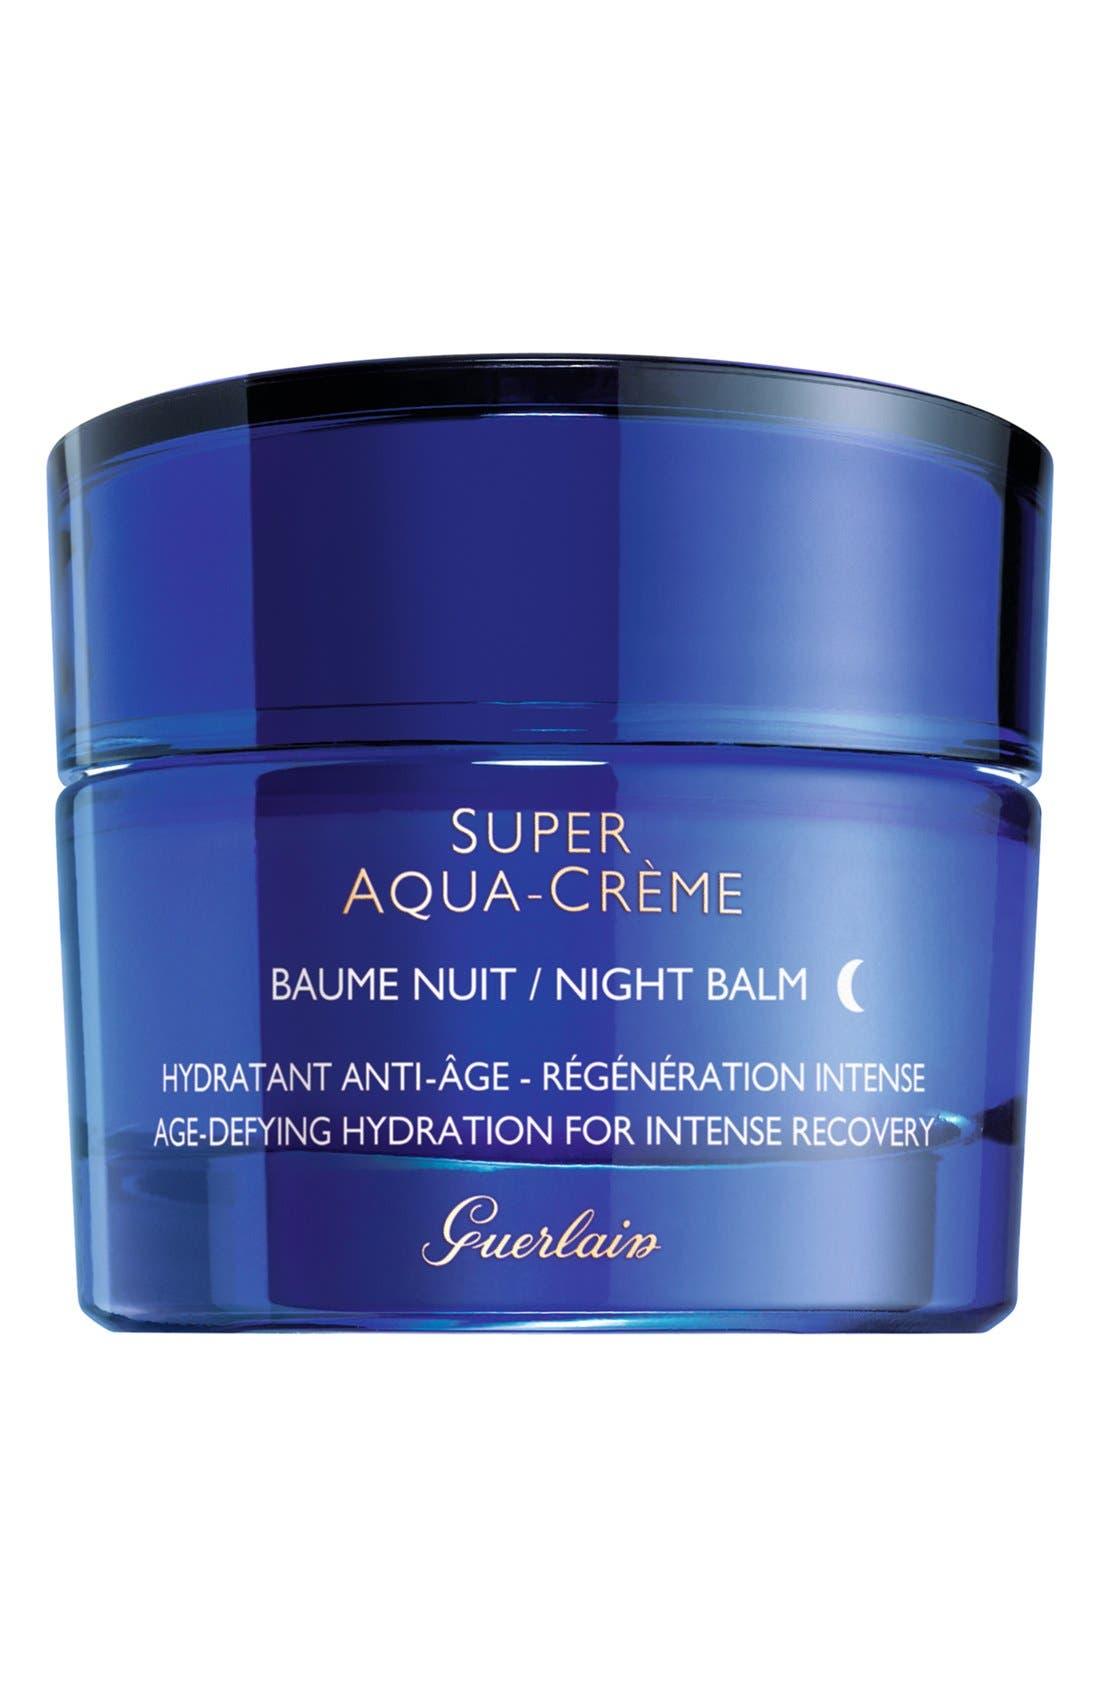 Guerlain 'Super Aqua-Crème' Night Balm